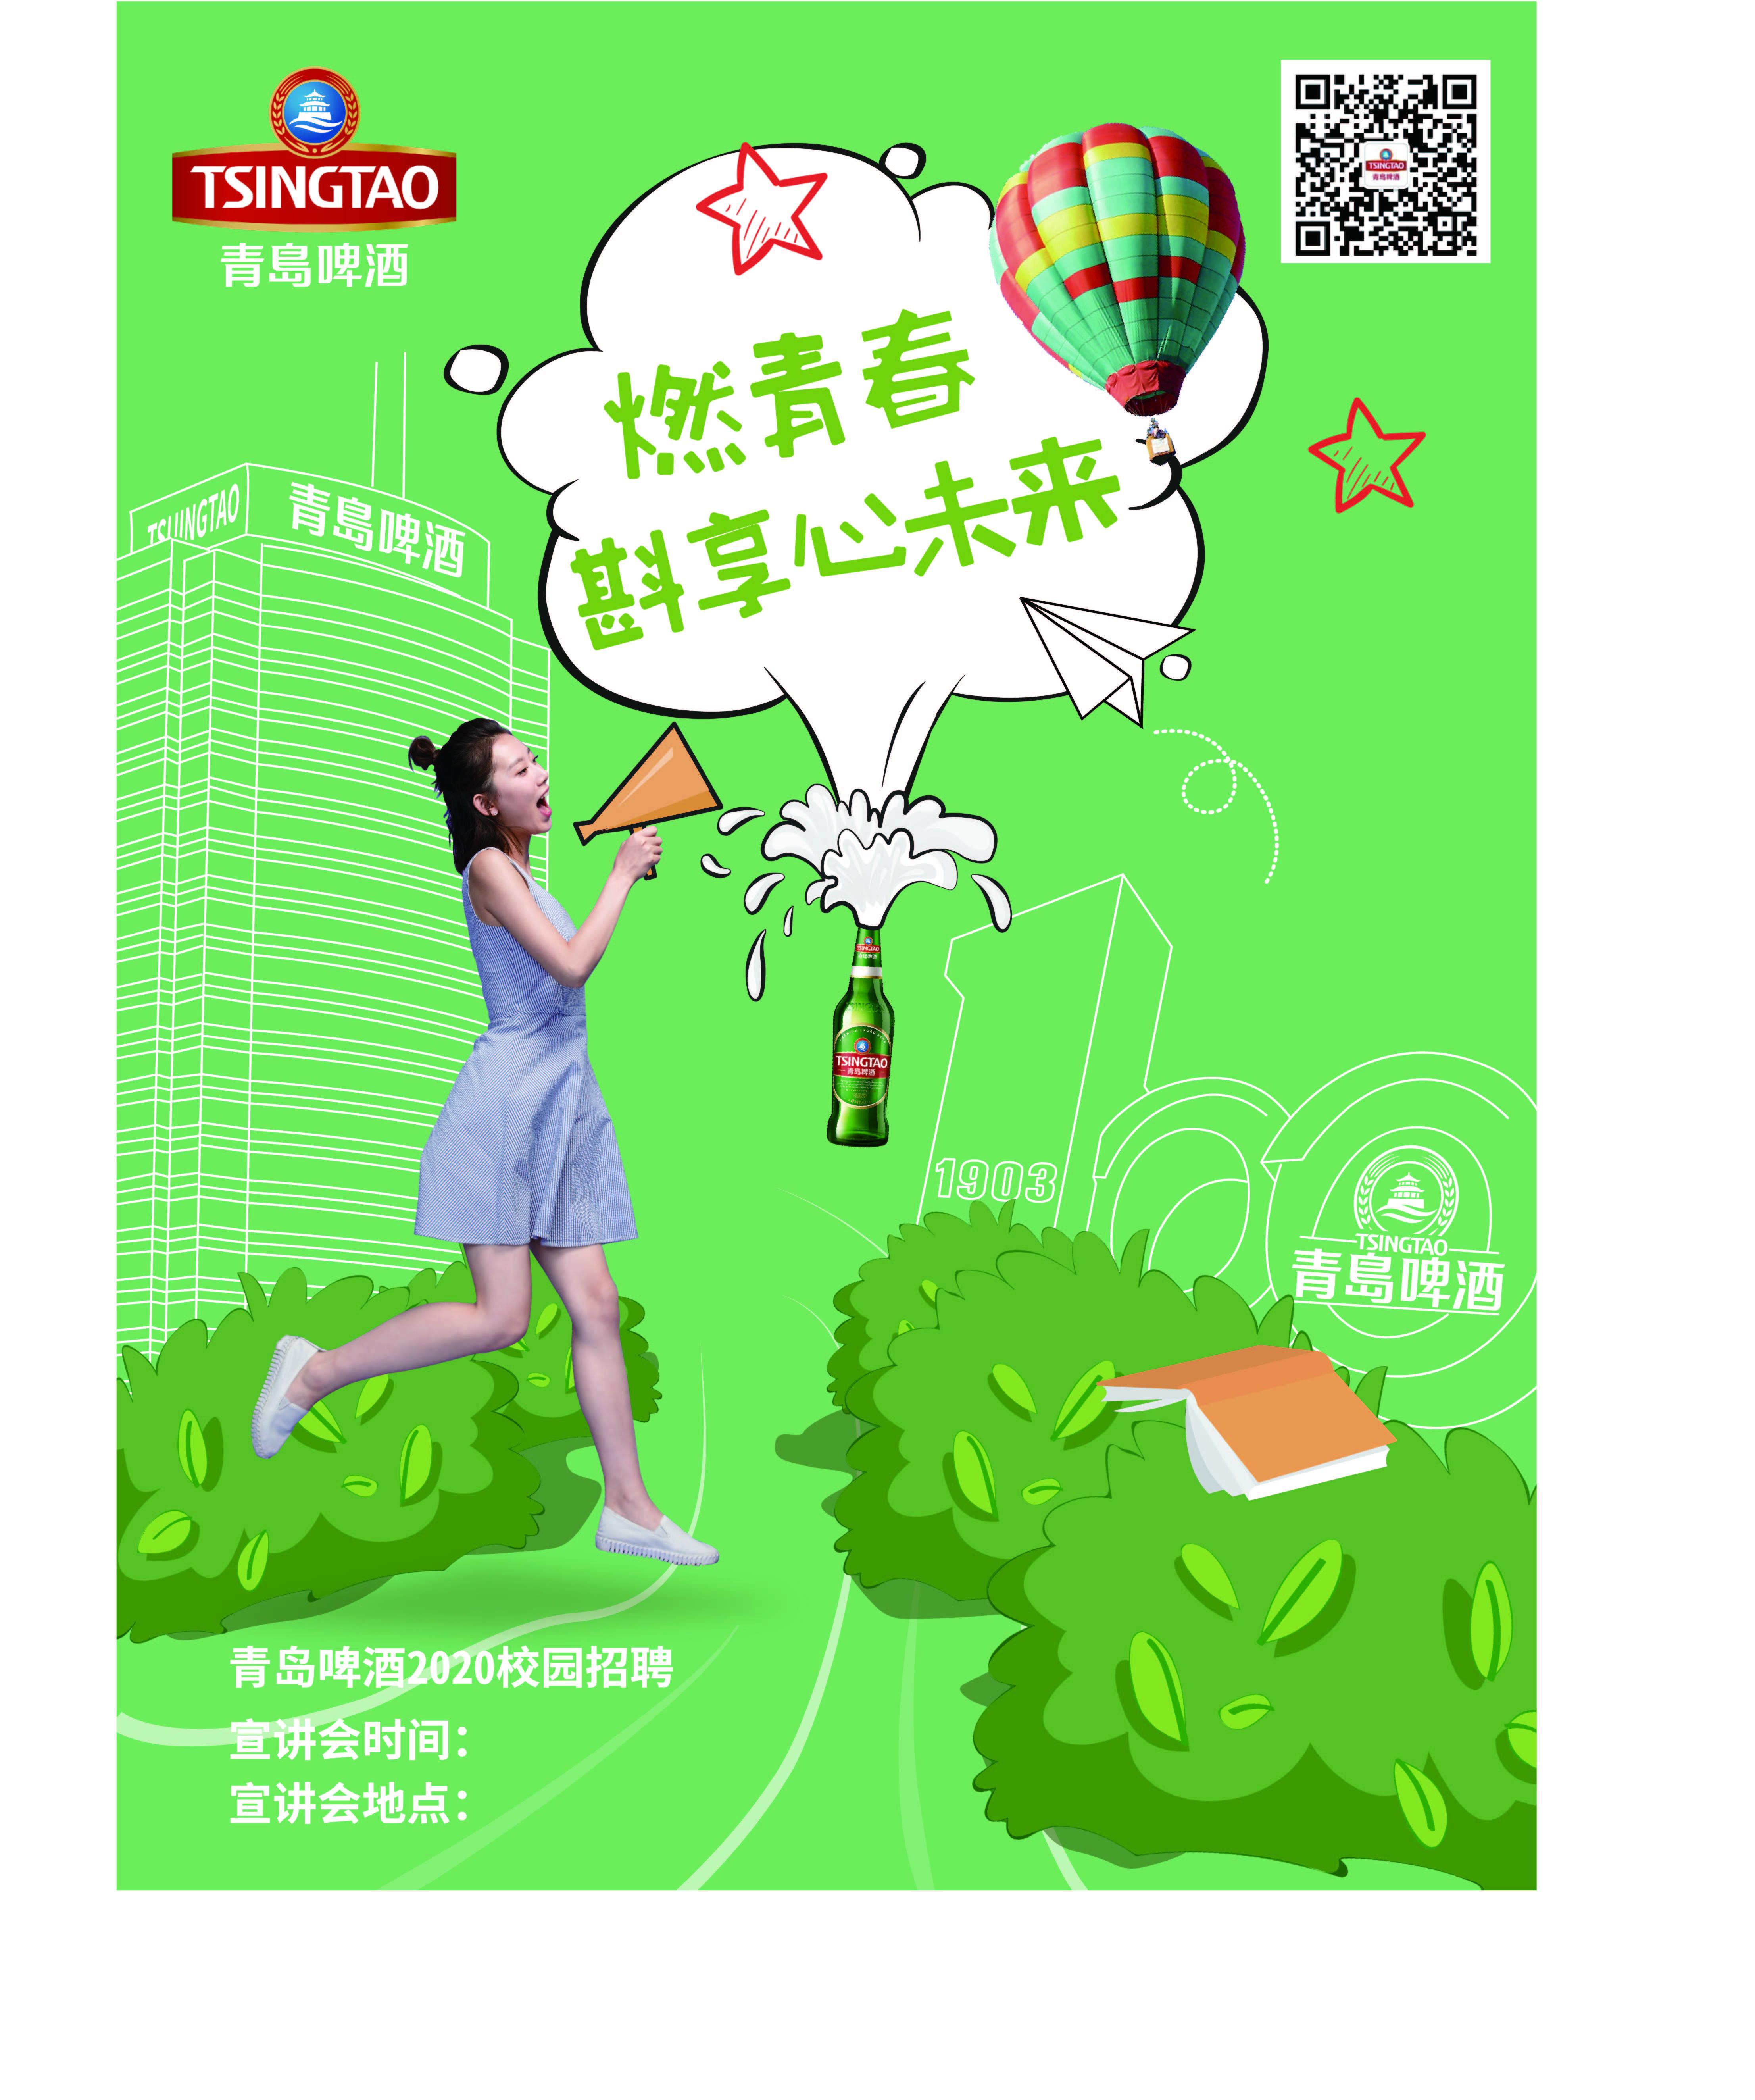 青岛啤酒股份有限公司宣讲会